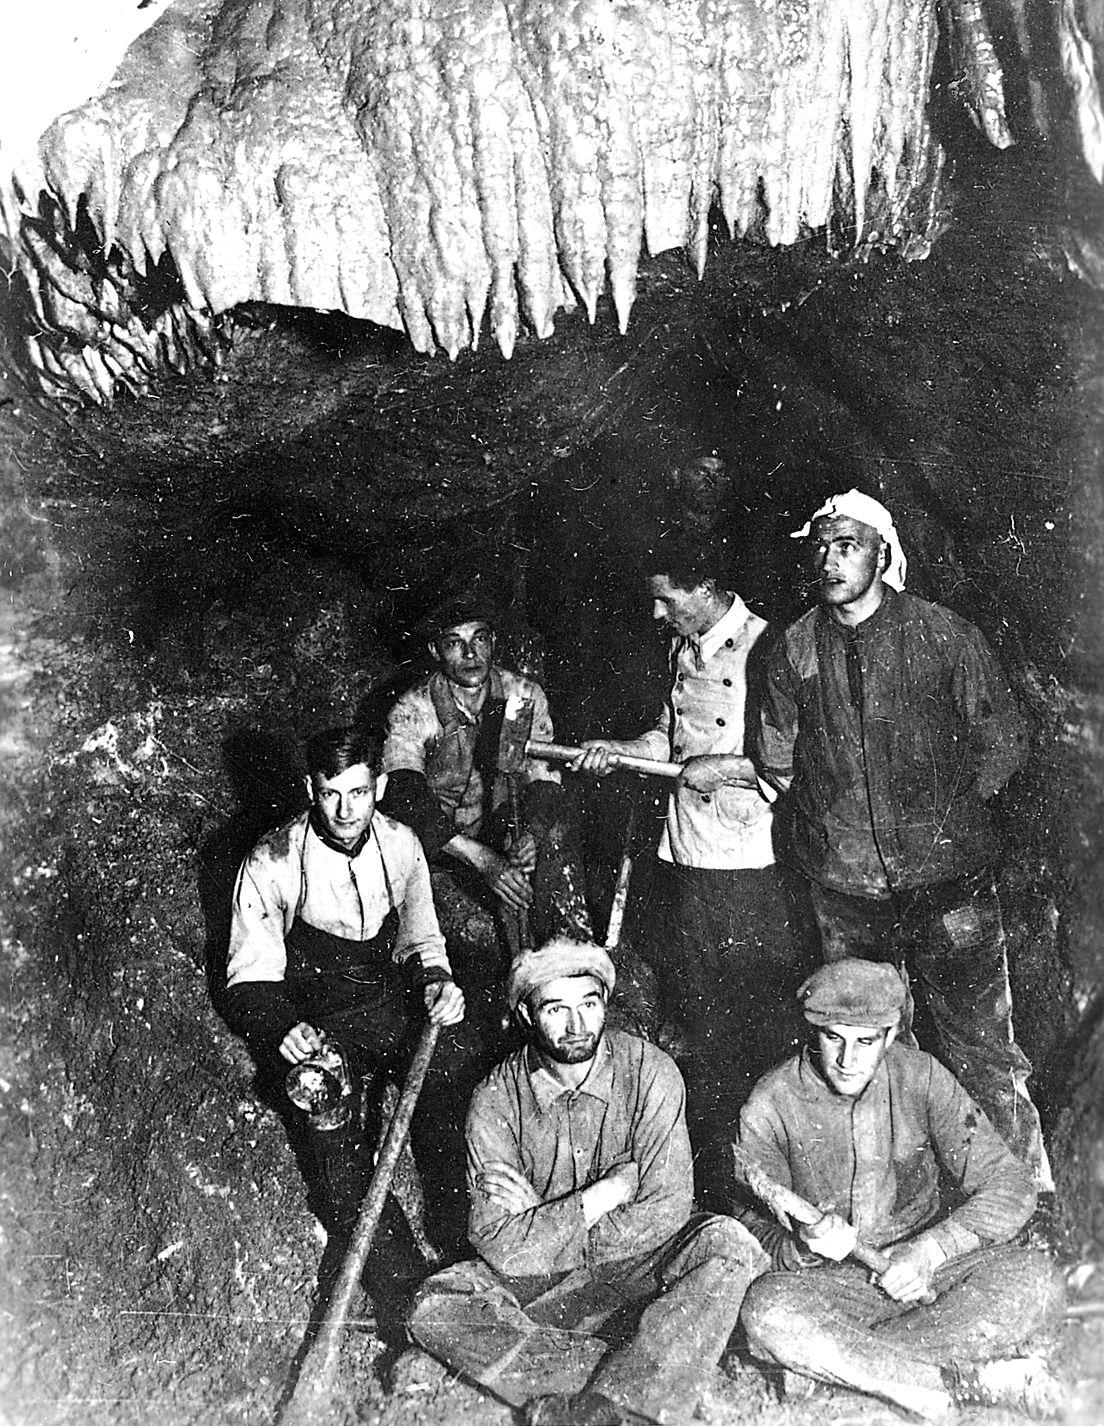 Grabung 1935 in der Tiefenhöhle (in der Sächsischen Schweiz), um Wege für Besucher anzulegen